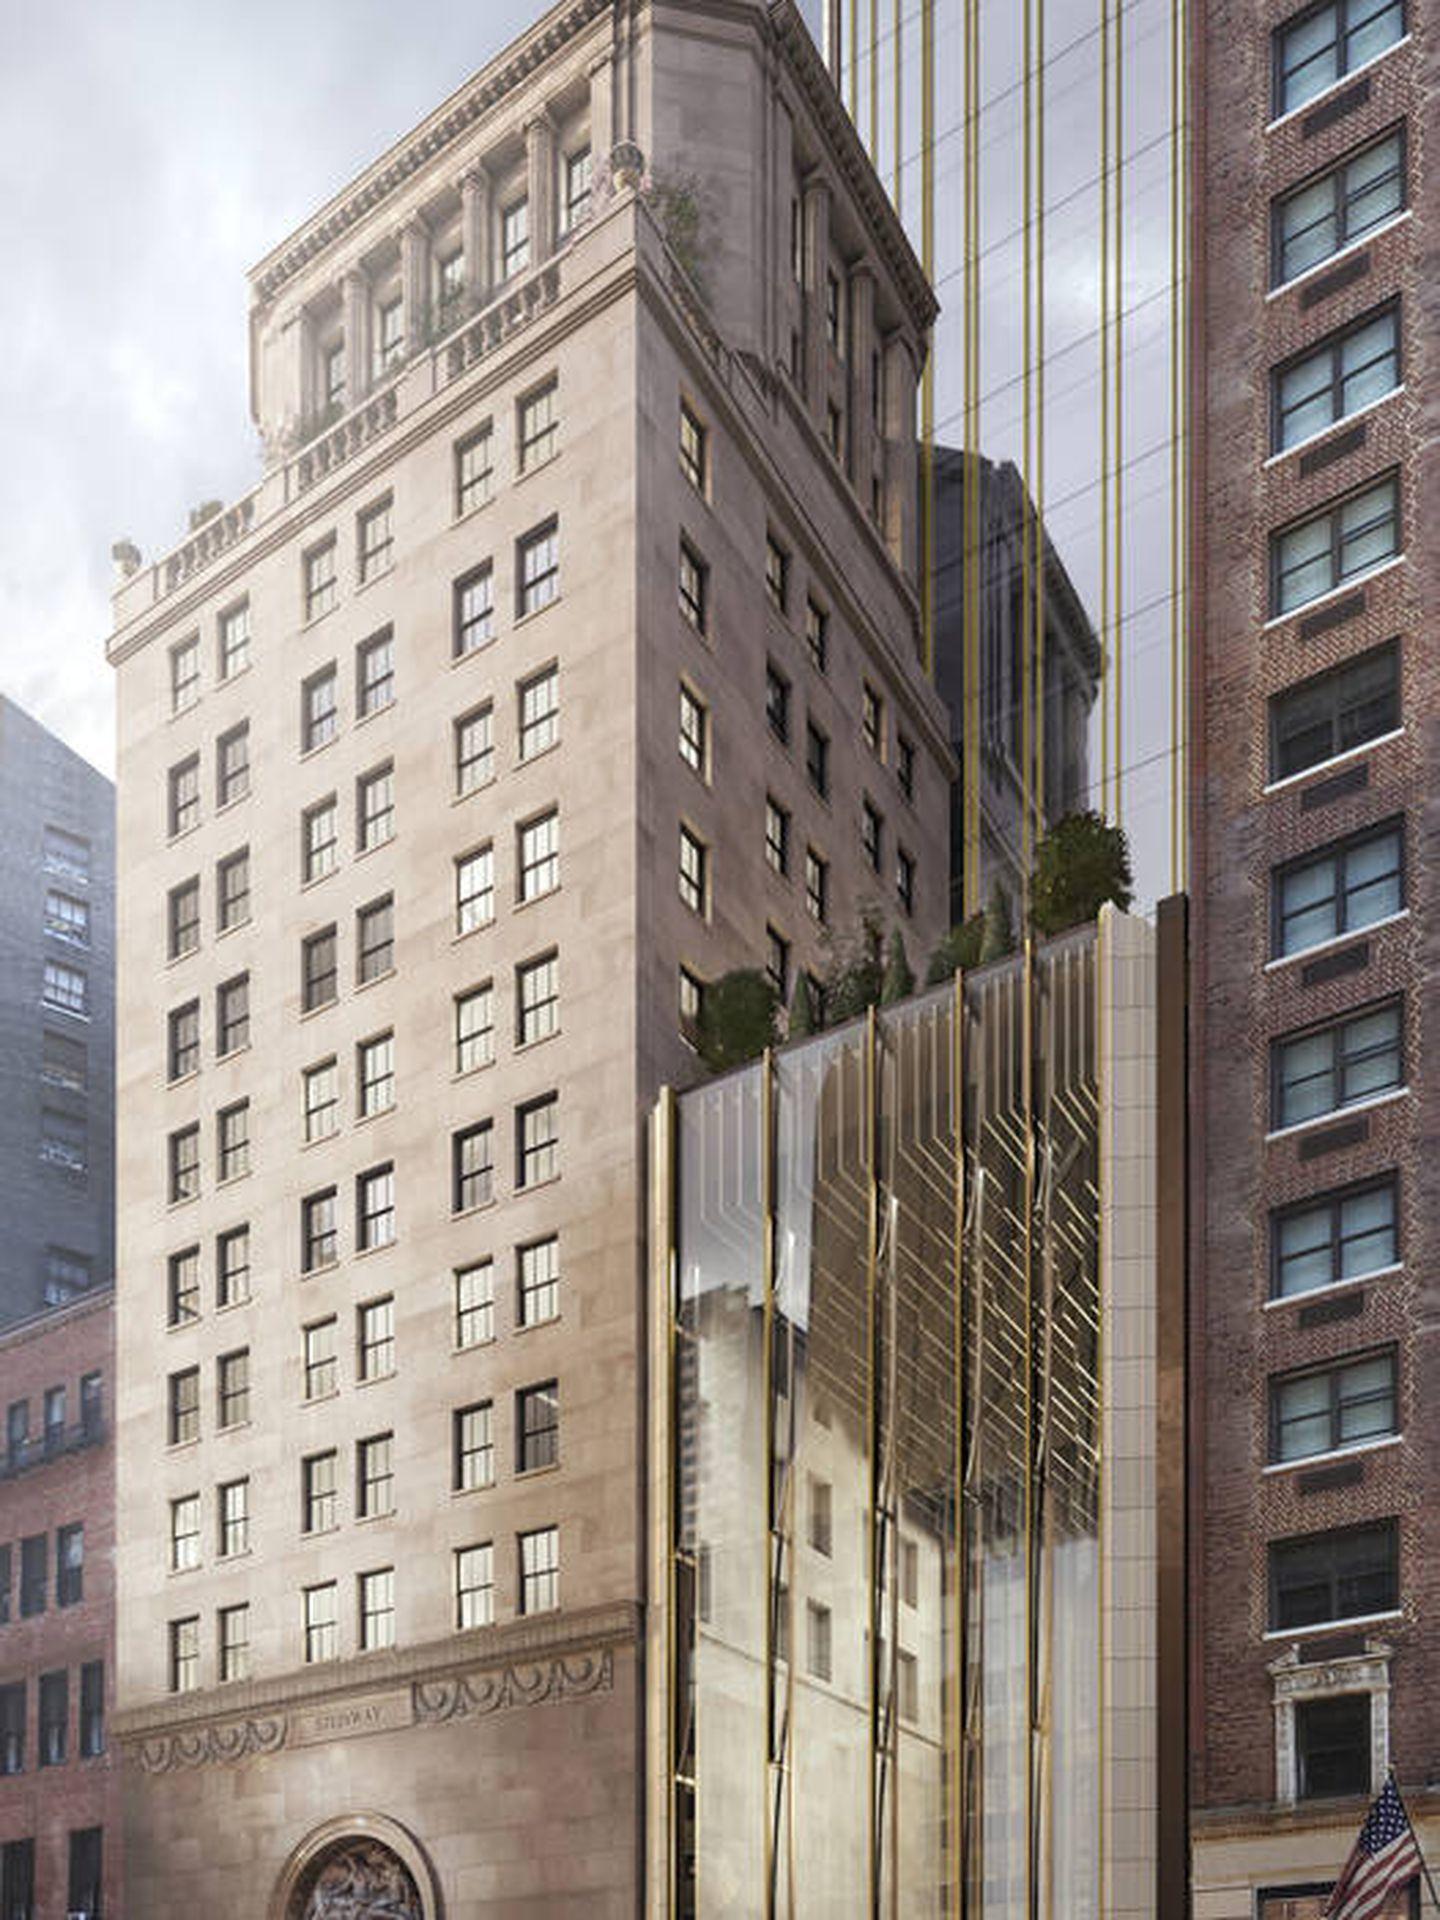 Utiliza un material auténtico de la época dorada de los rascacielos de Manhattan: la terracota. (Shop Architects)